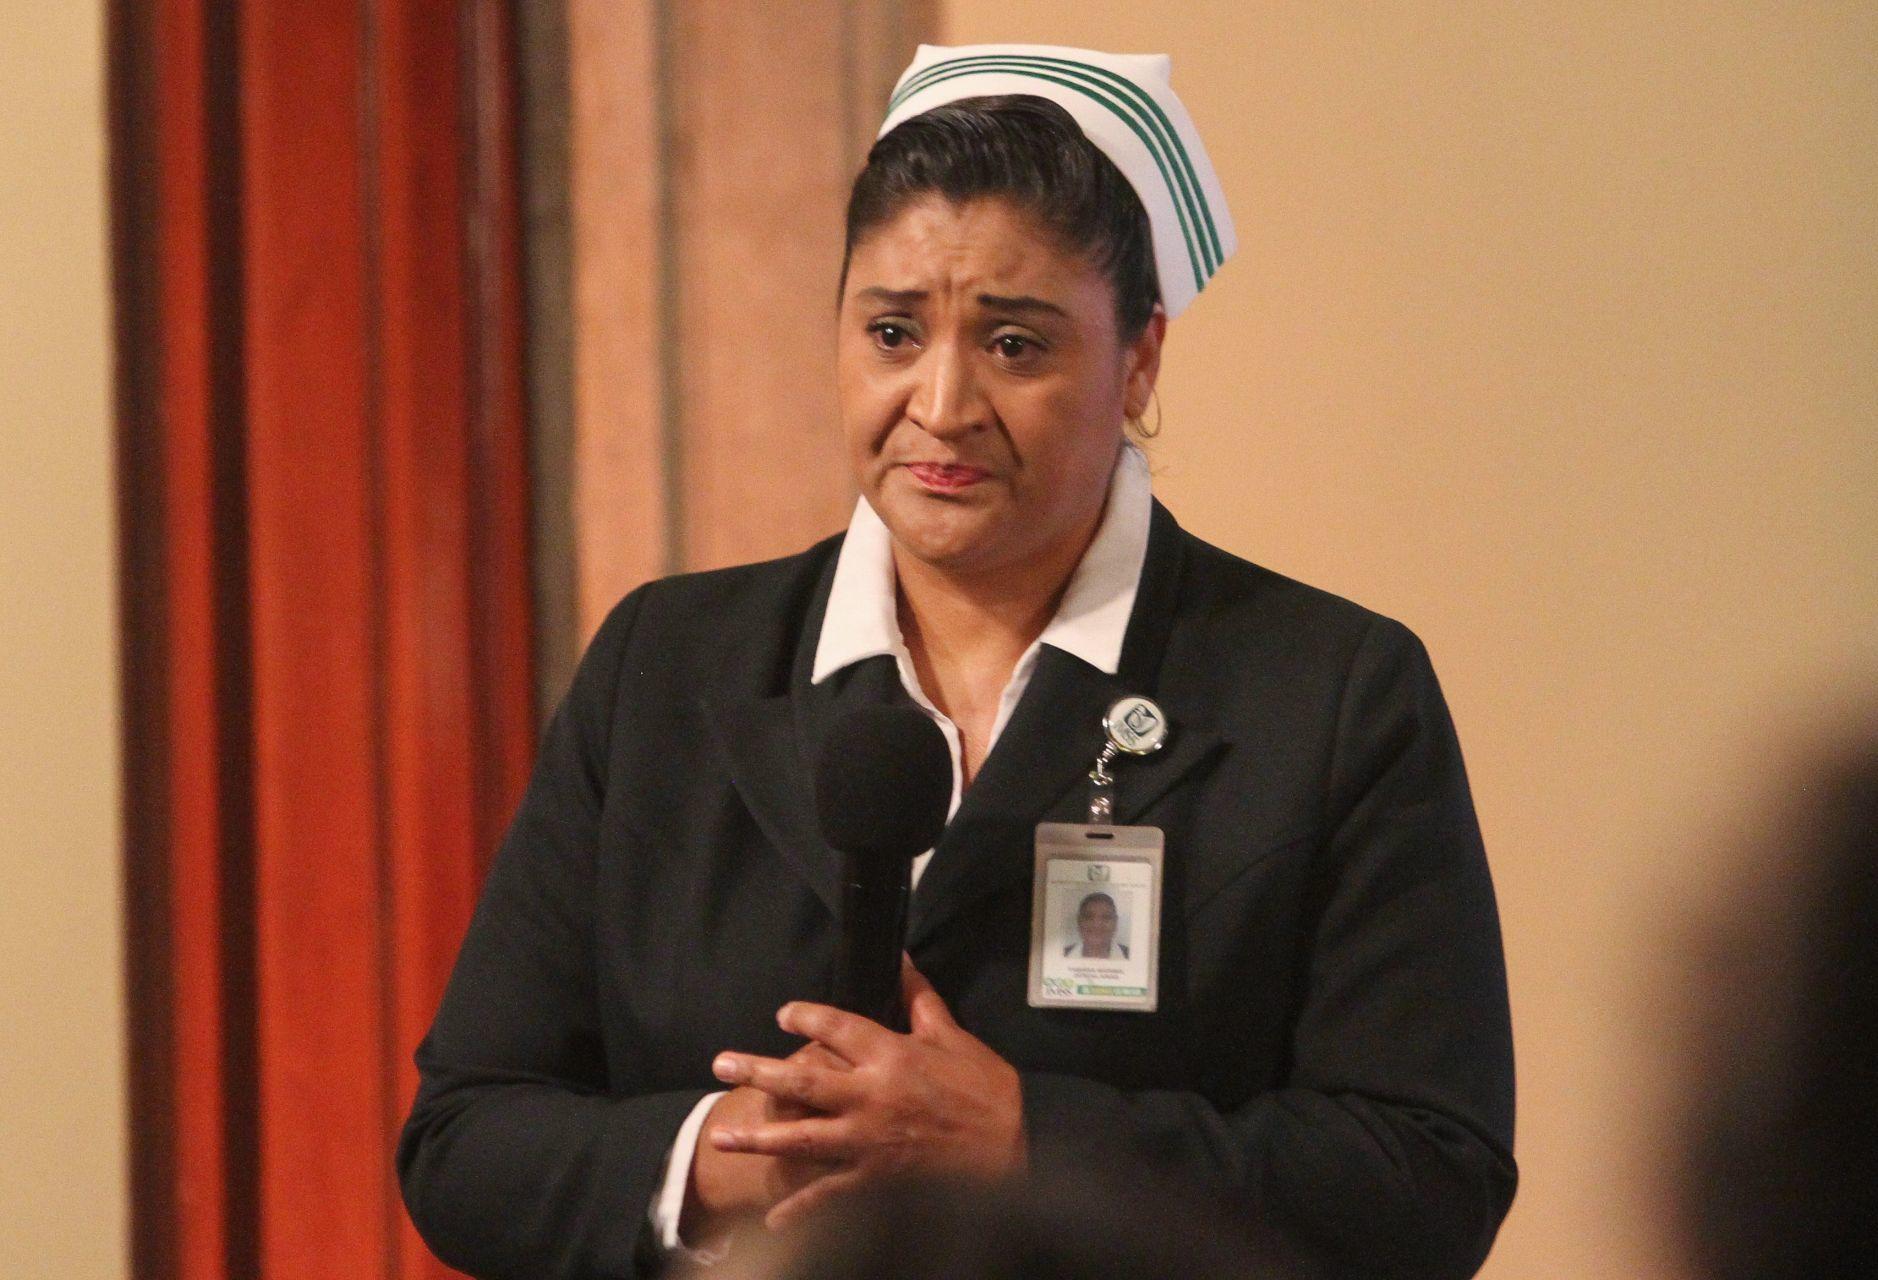 Buenas noticias: La Jefa Fabiana es dada de alta del Hospital de la Raza luego de contraer coronavirus